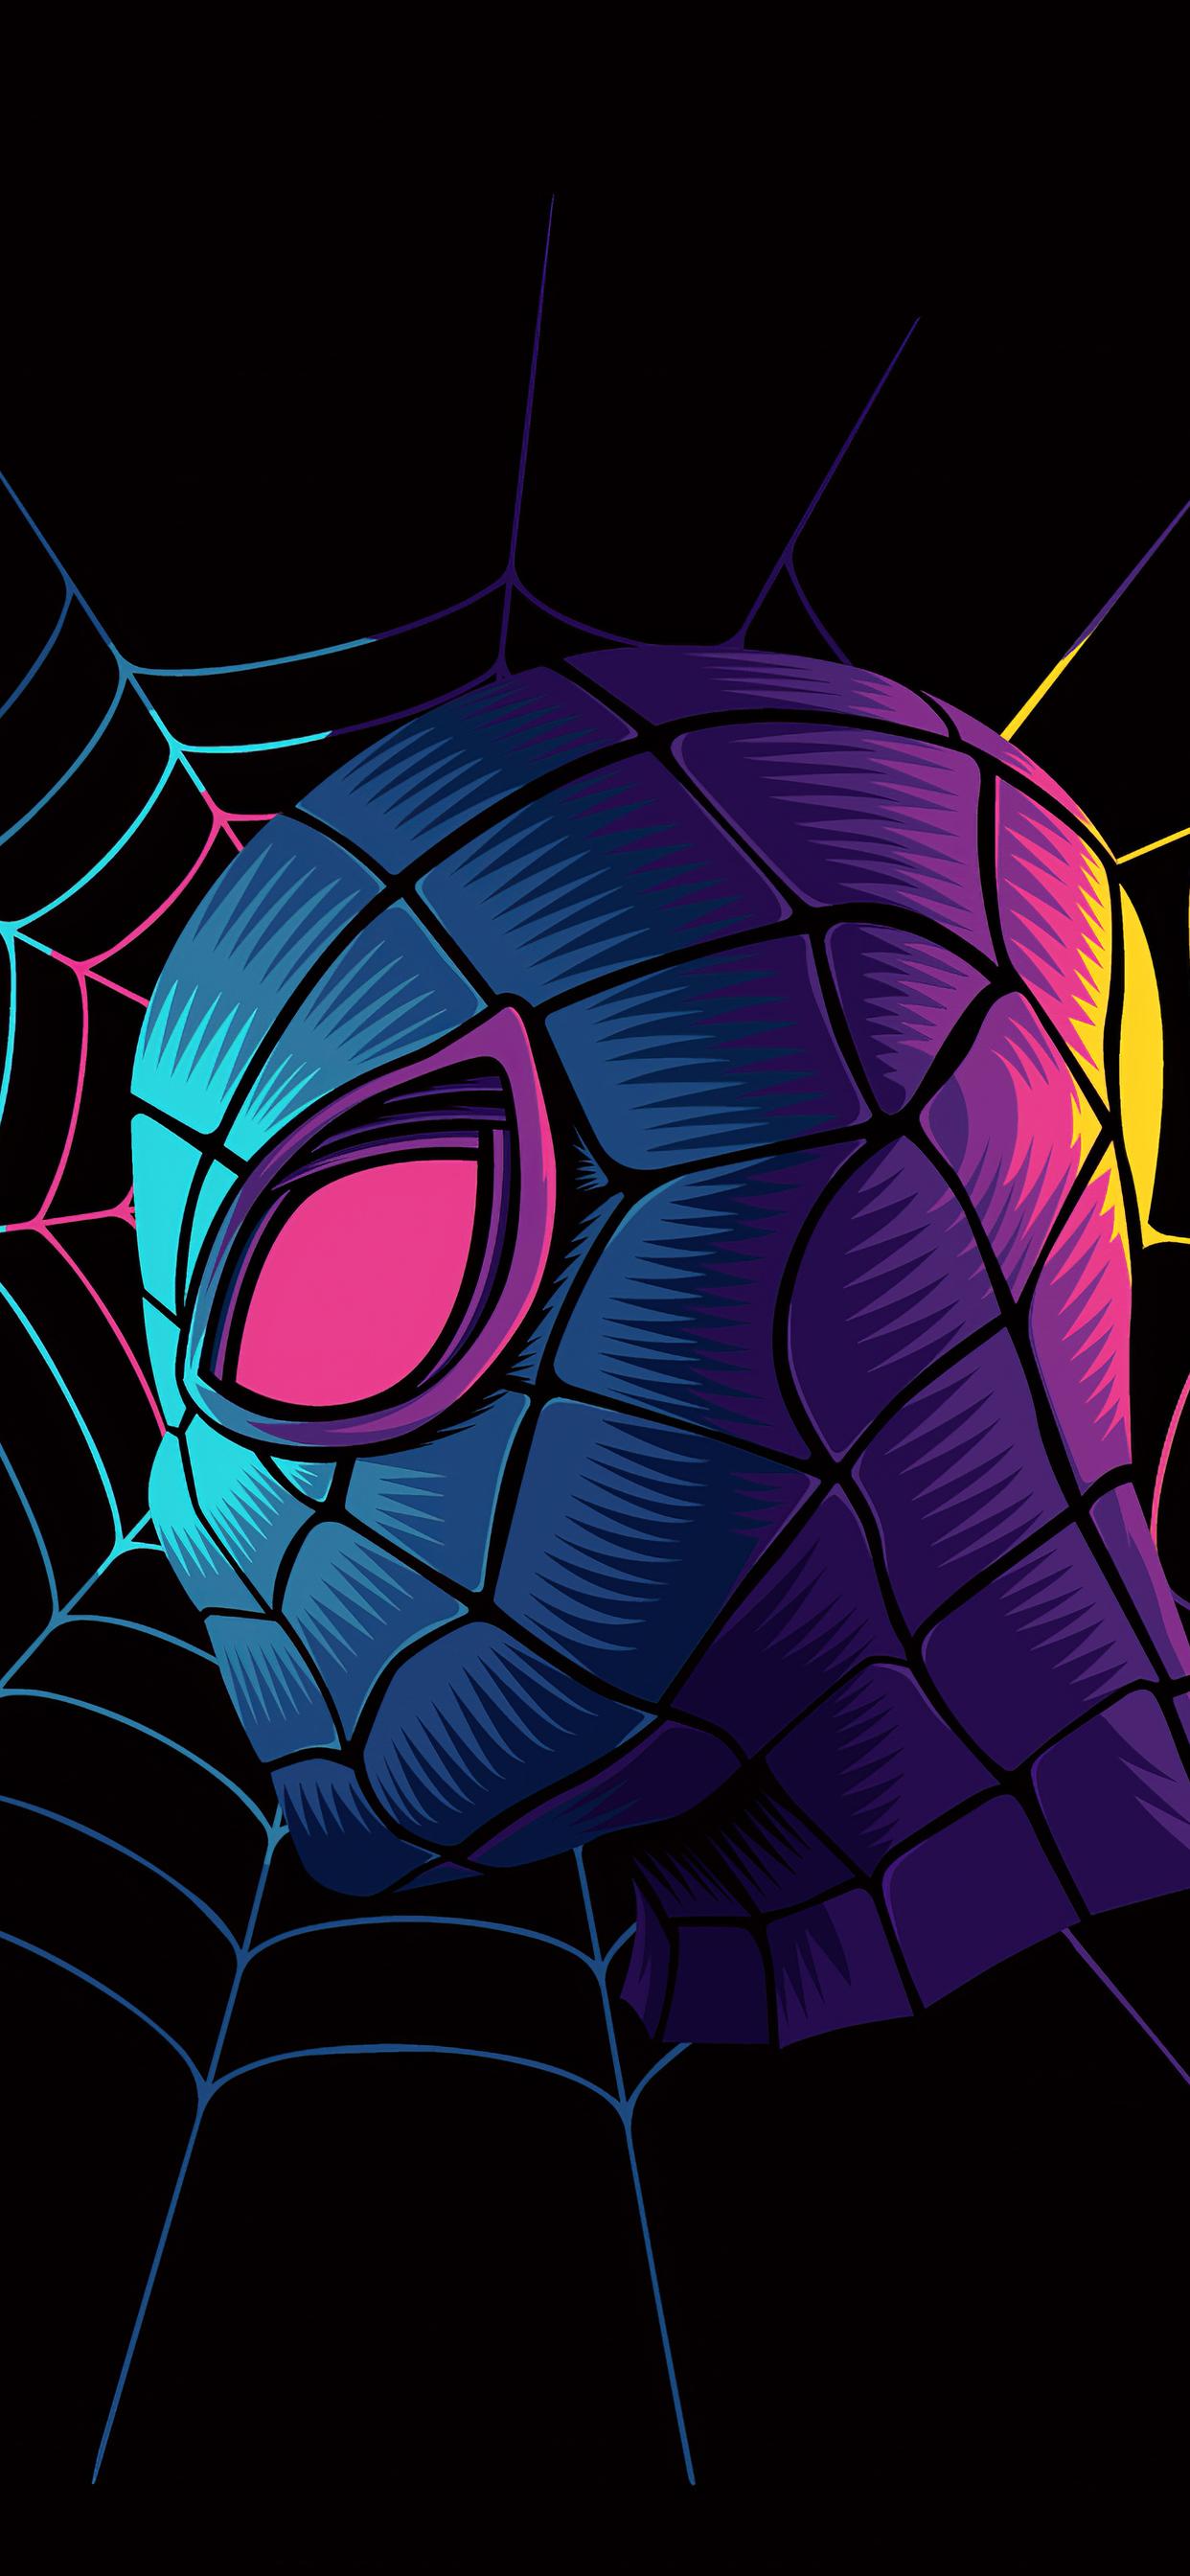 1242x2688 Spiderman Web Minimalist Art 4k Iphone XS MAX HD ...